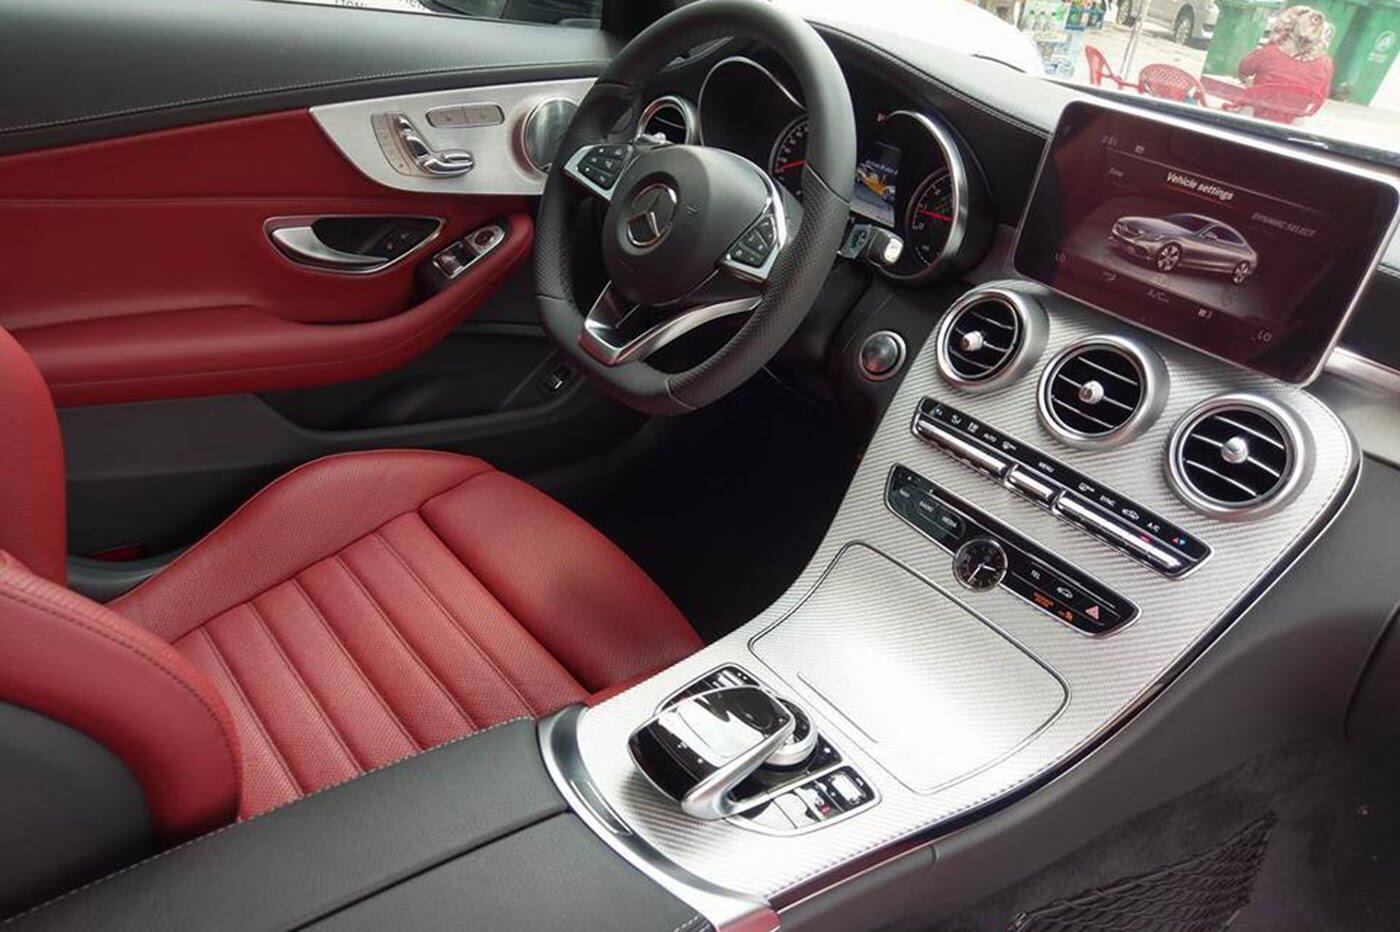 Mercedes-AMG C43 Coupe giá 4,2 tỷ đầu tiên về Việt Nam - Hình 11